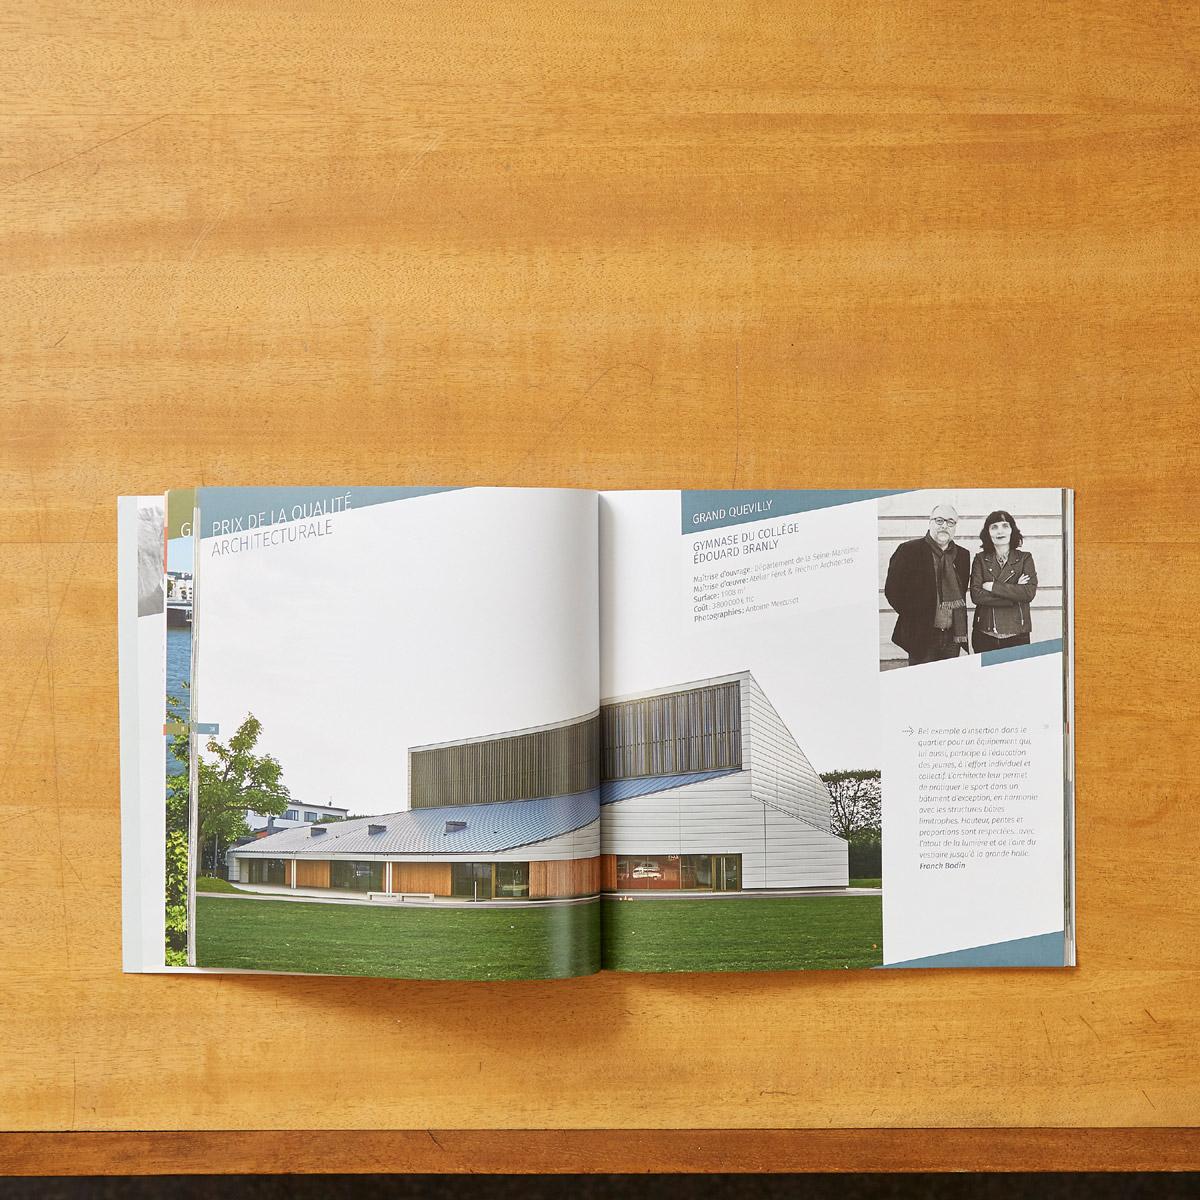 plaquette prix de l'architecture et de l'aménagement 2018 photos gymnase branly